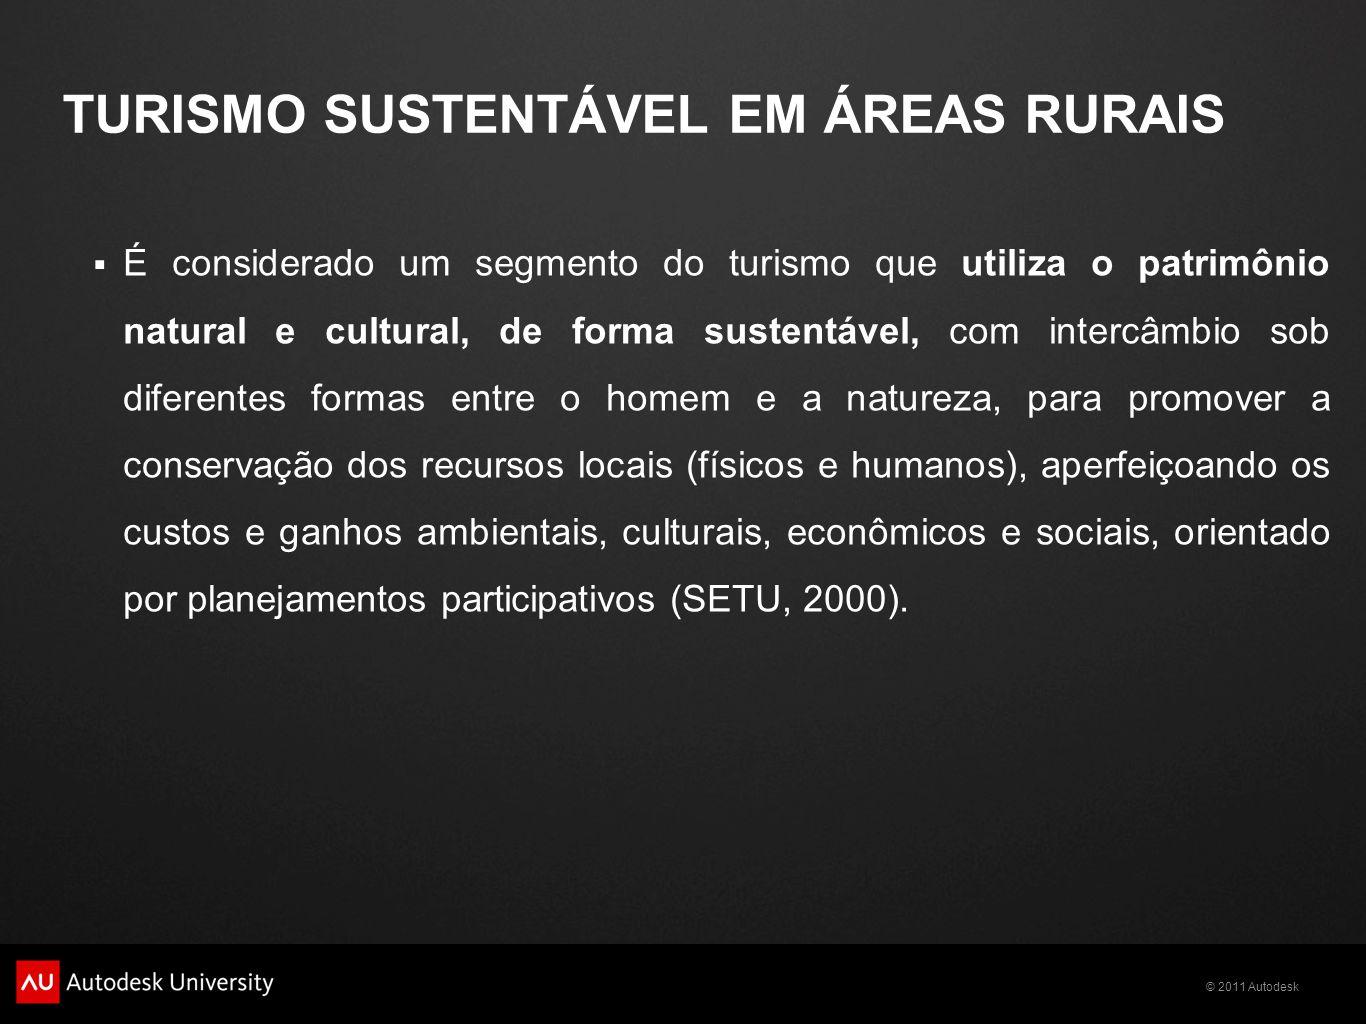 © 2011 Autodesk TURISMO SUSTENTÁVEL EM ÁREAS RURAIS  É considerado um segmento do turismo que utiliza o patrimônio natural e cultural, de forma sustentável, com intercâmbio sob diferentes formas entre o homem e a natureza, para promover a conservação dos recursos locais (físicos e humanos), aperfeiçoando os custos e ganhos ambientais, culturais, econômicos e sociais, orientado por planejamentos participativos (SETU, 2000).